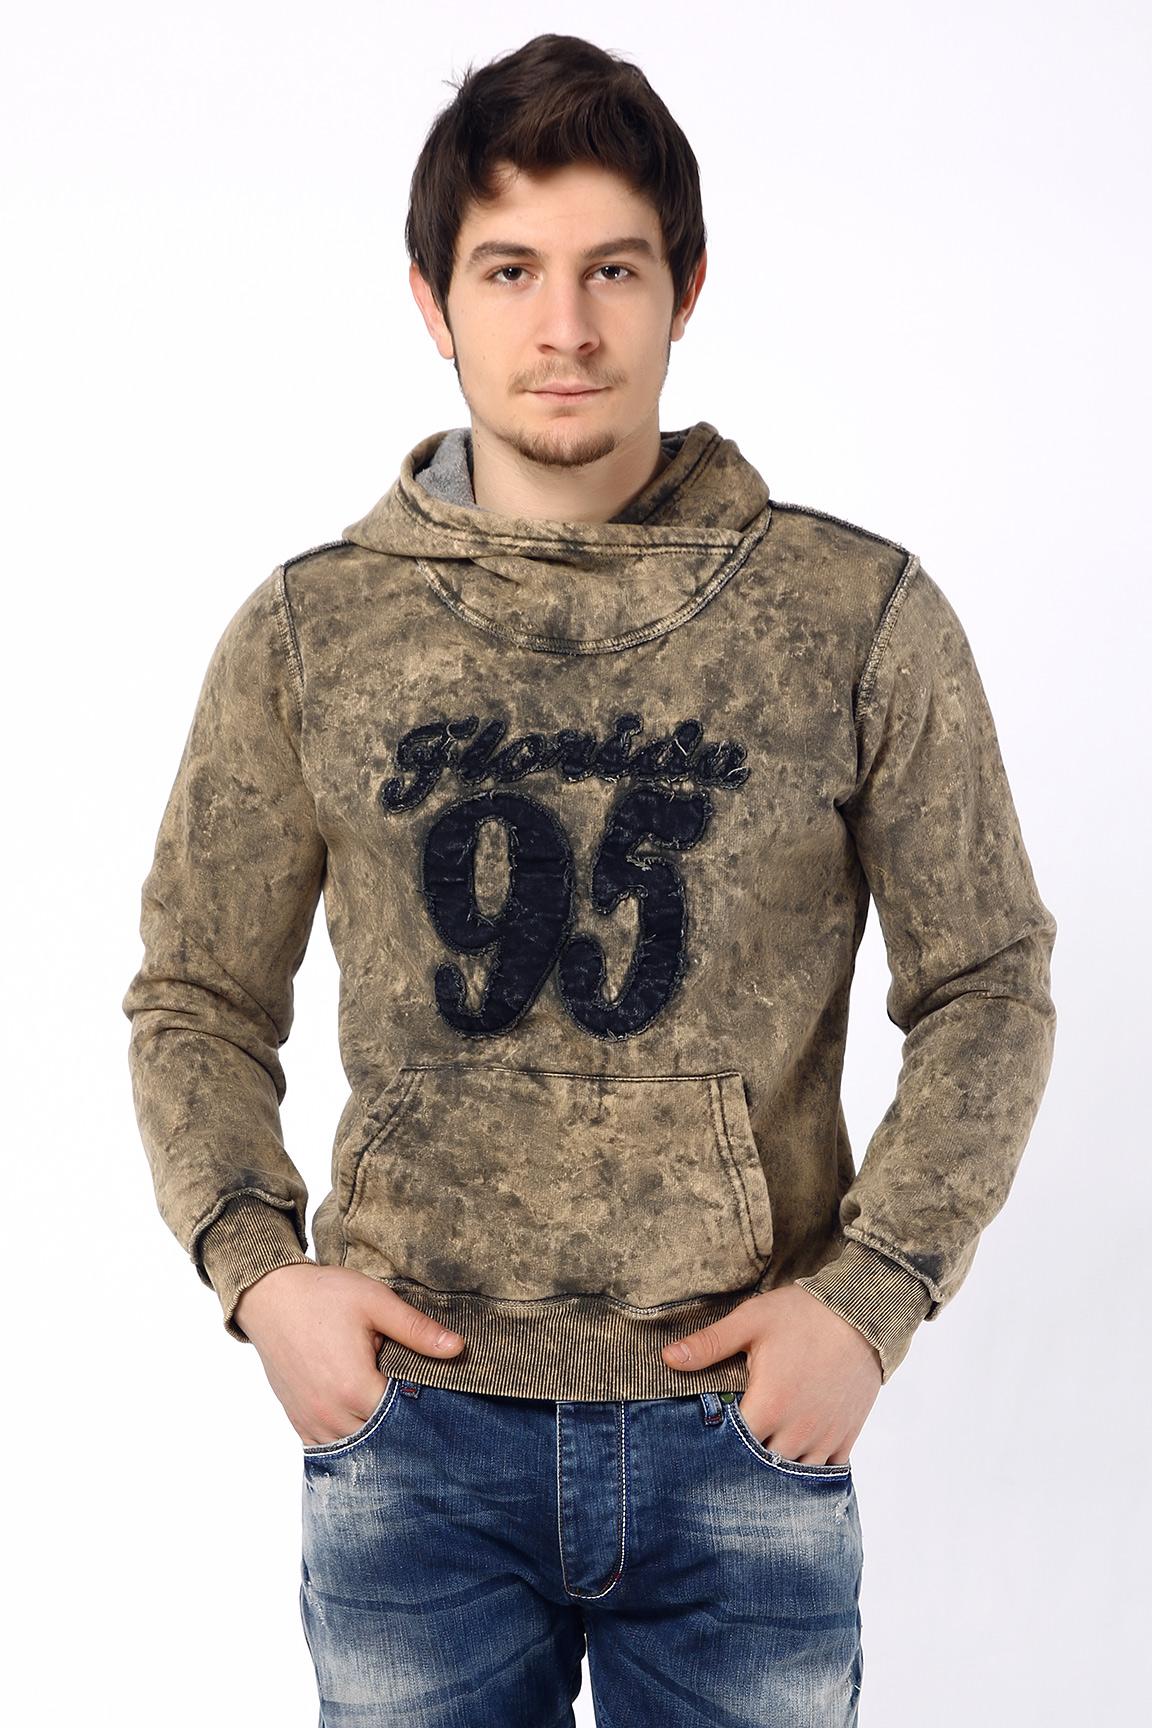 بالصور ملابس رجال , اجدد تشكيلات للملابس الرجاليه 263 7